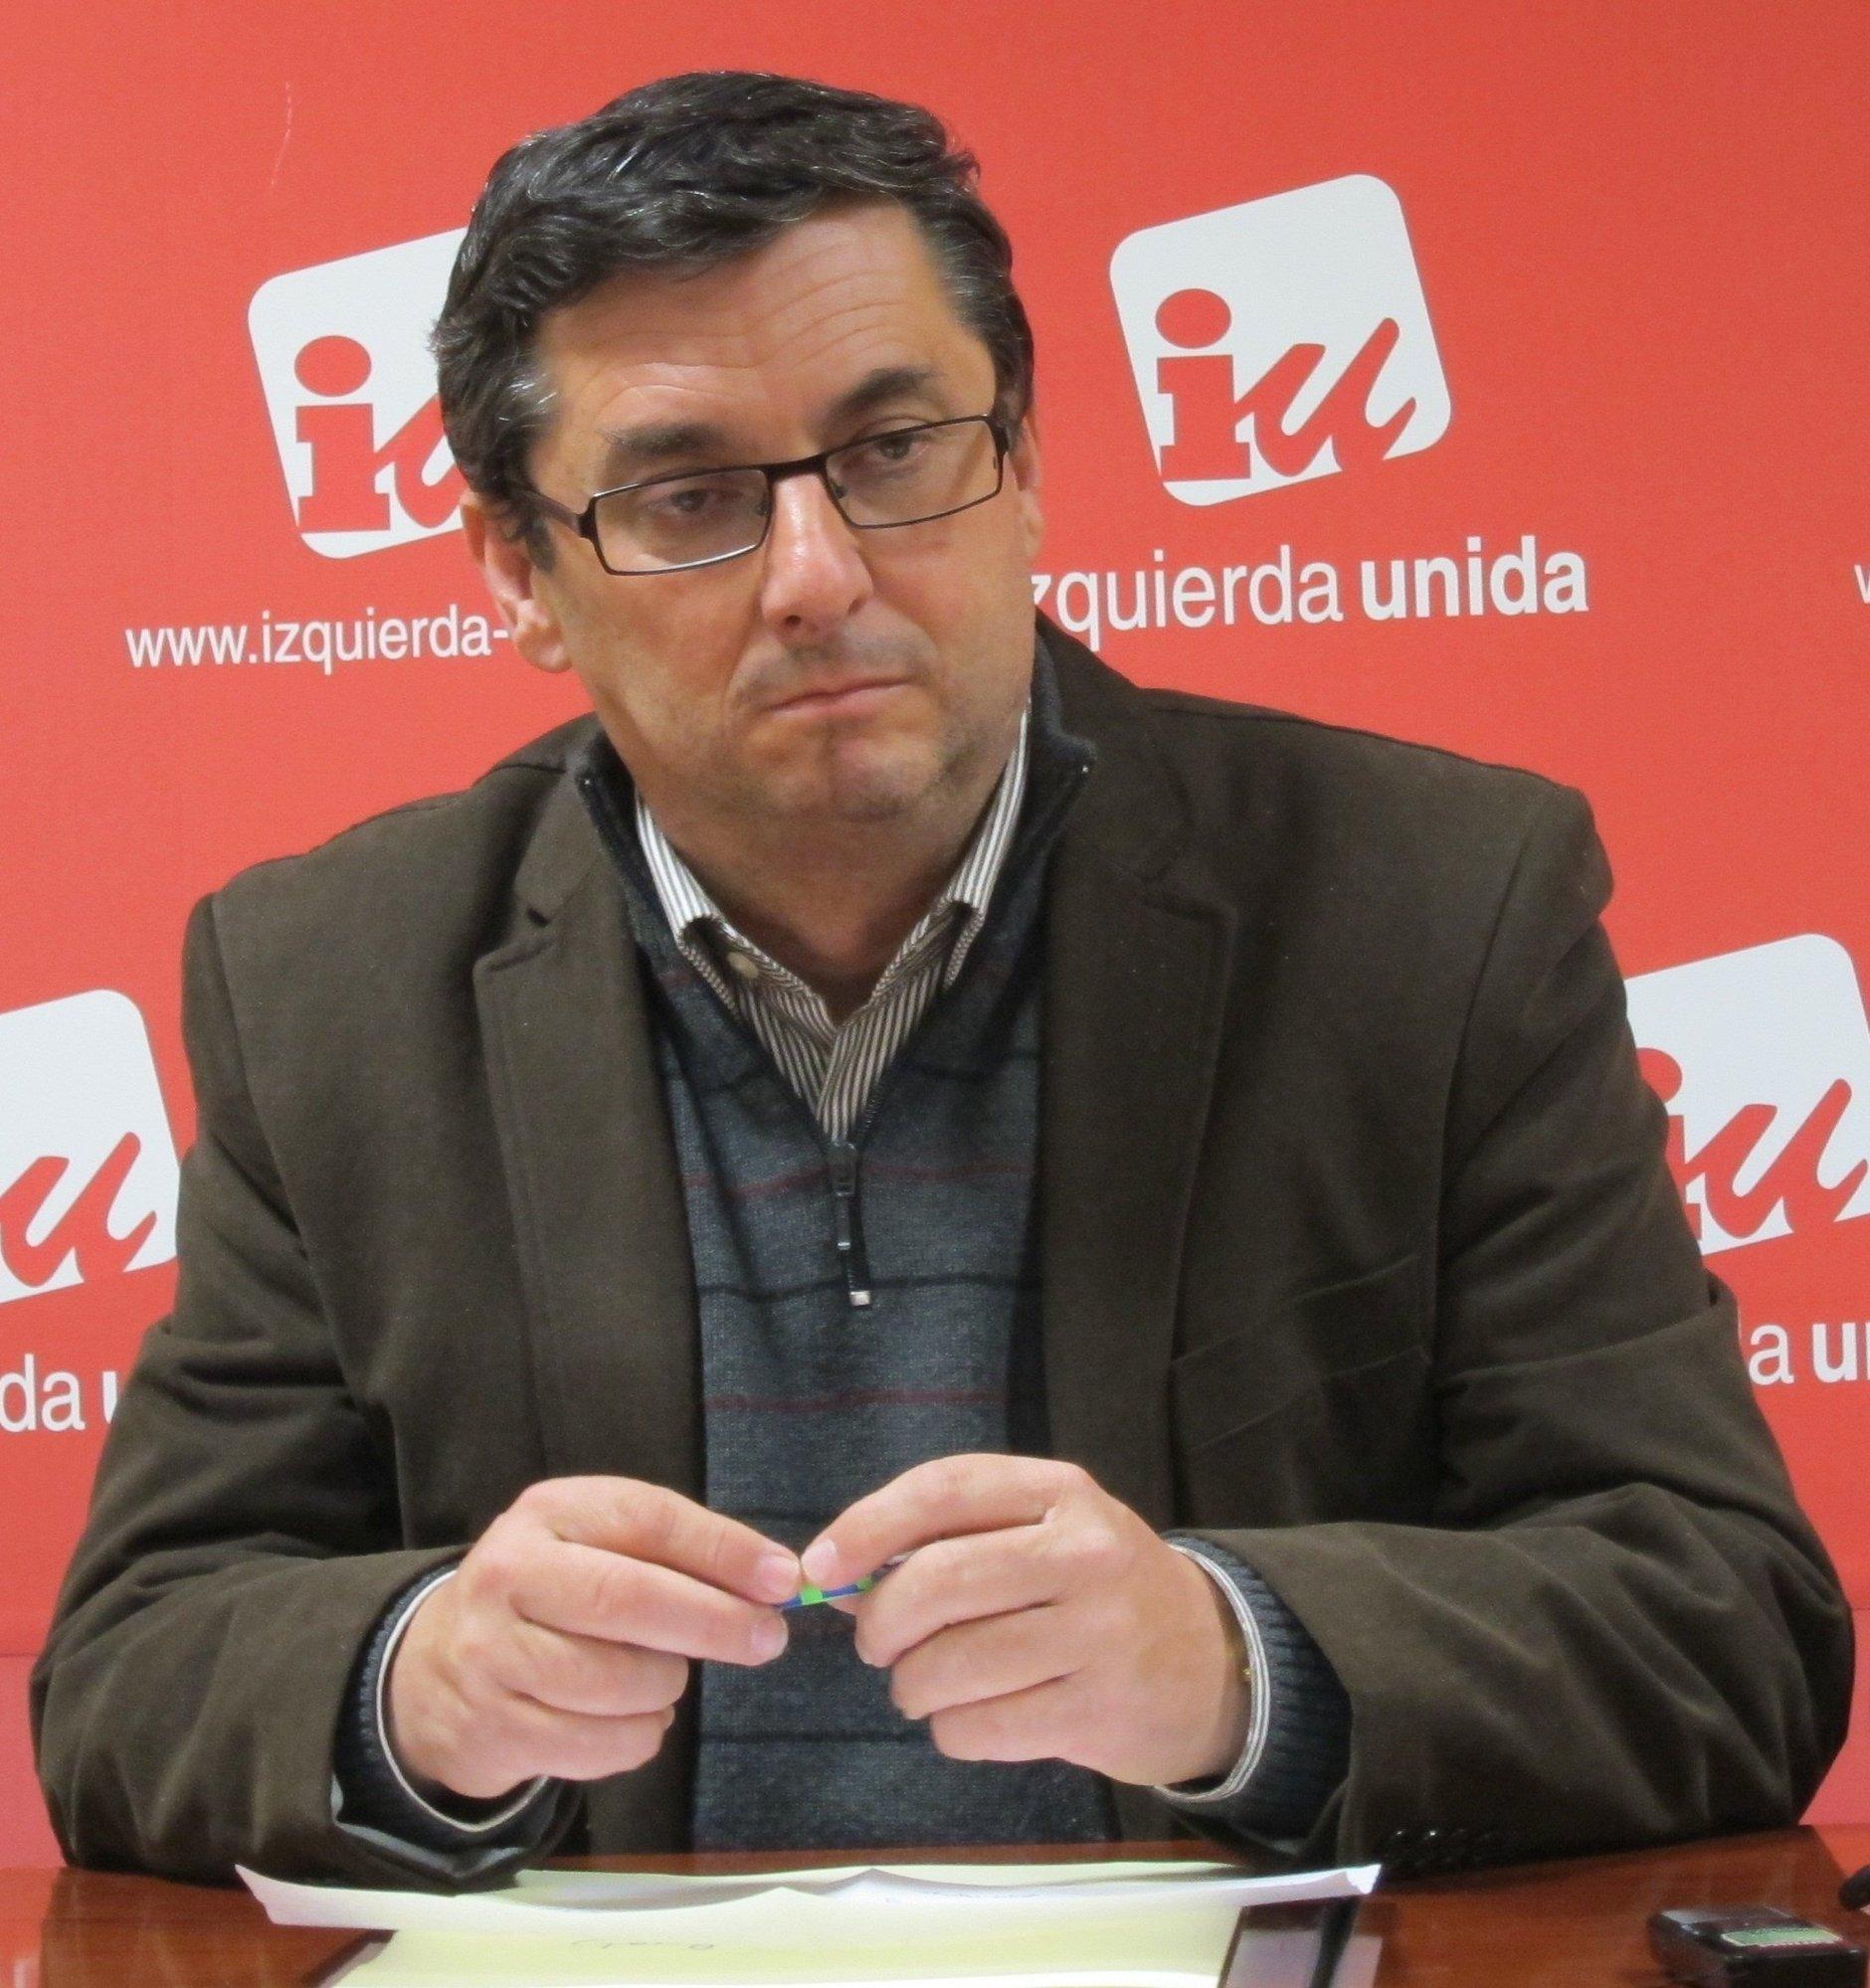 IU-ICV-CHA se plantea pedir la reprobación del ministro del Interior si no actúa contra los altercados en Valencia